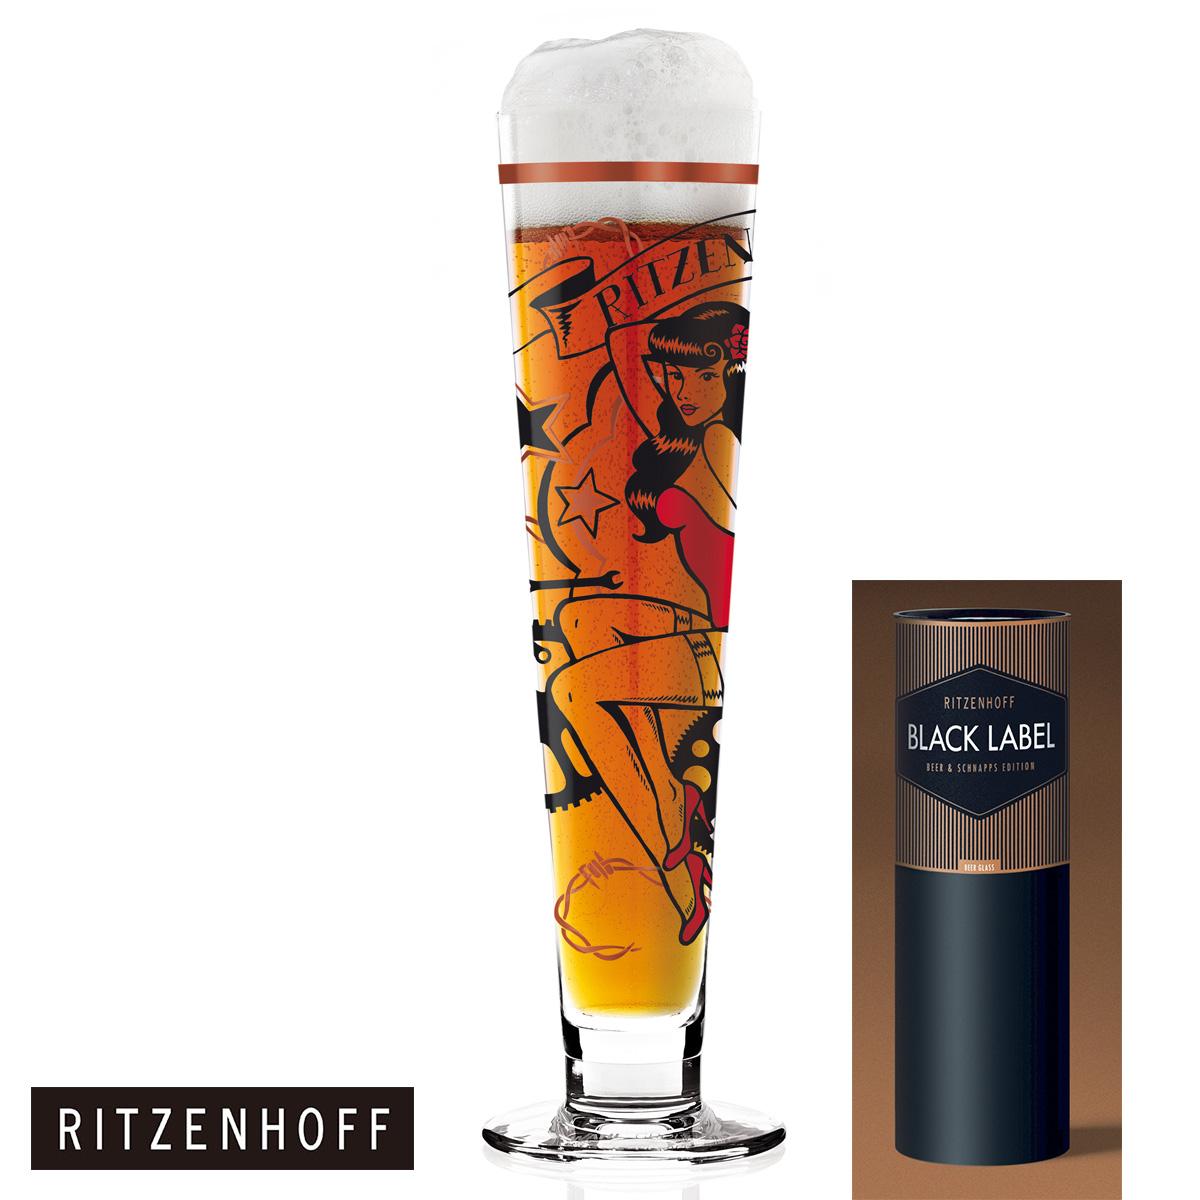 RITZENHOFF リッツェンホフ Beer Crystal Collection ビアグラス(Markus Binz-81010217) ビールグラス ビア グラス ビール プレゼント・贈り物・ギフト・